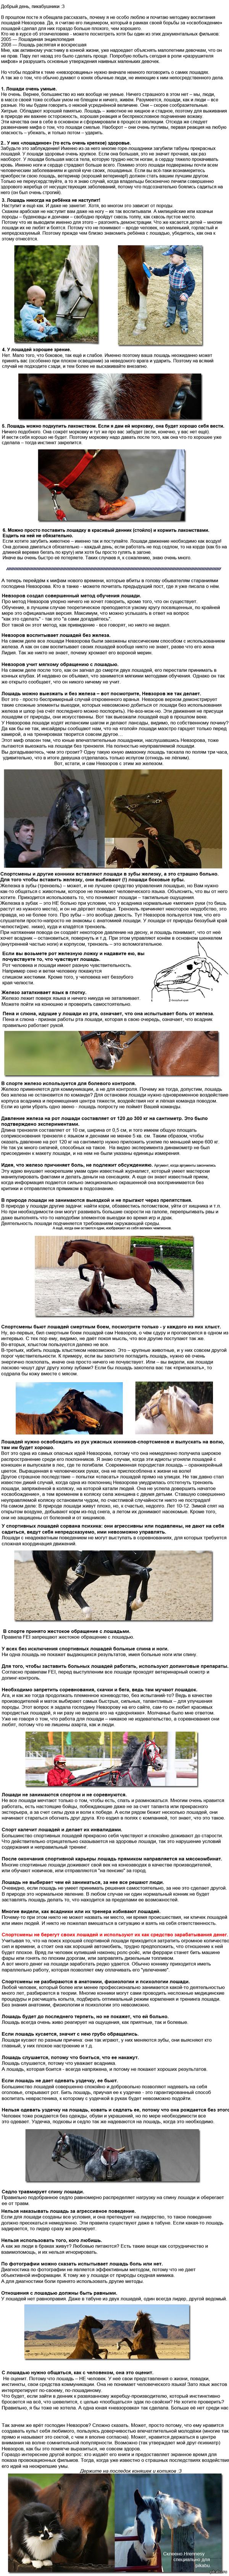 Nevzorov Haute Ecole или развенчание мифов о лошадях. Как и обещала в прошлом посте (metodyi_treninga_loshadey_2392673).   Извиняюсь за опечатки, если таковые имеются.